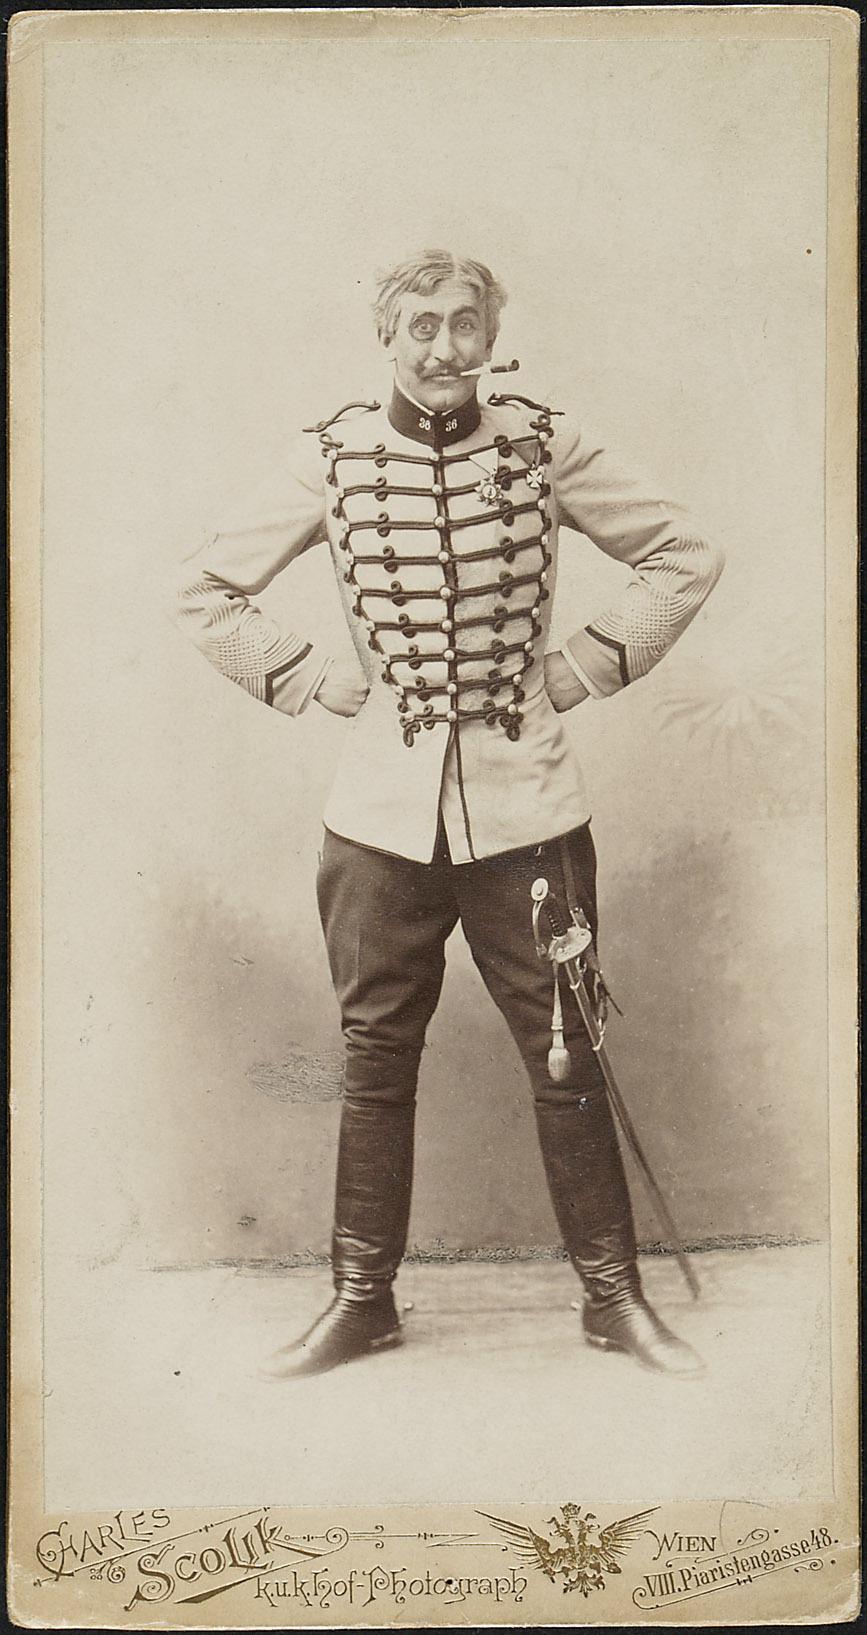 Herr Jensen von Charles Scolik, Wien